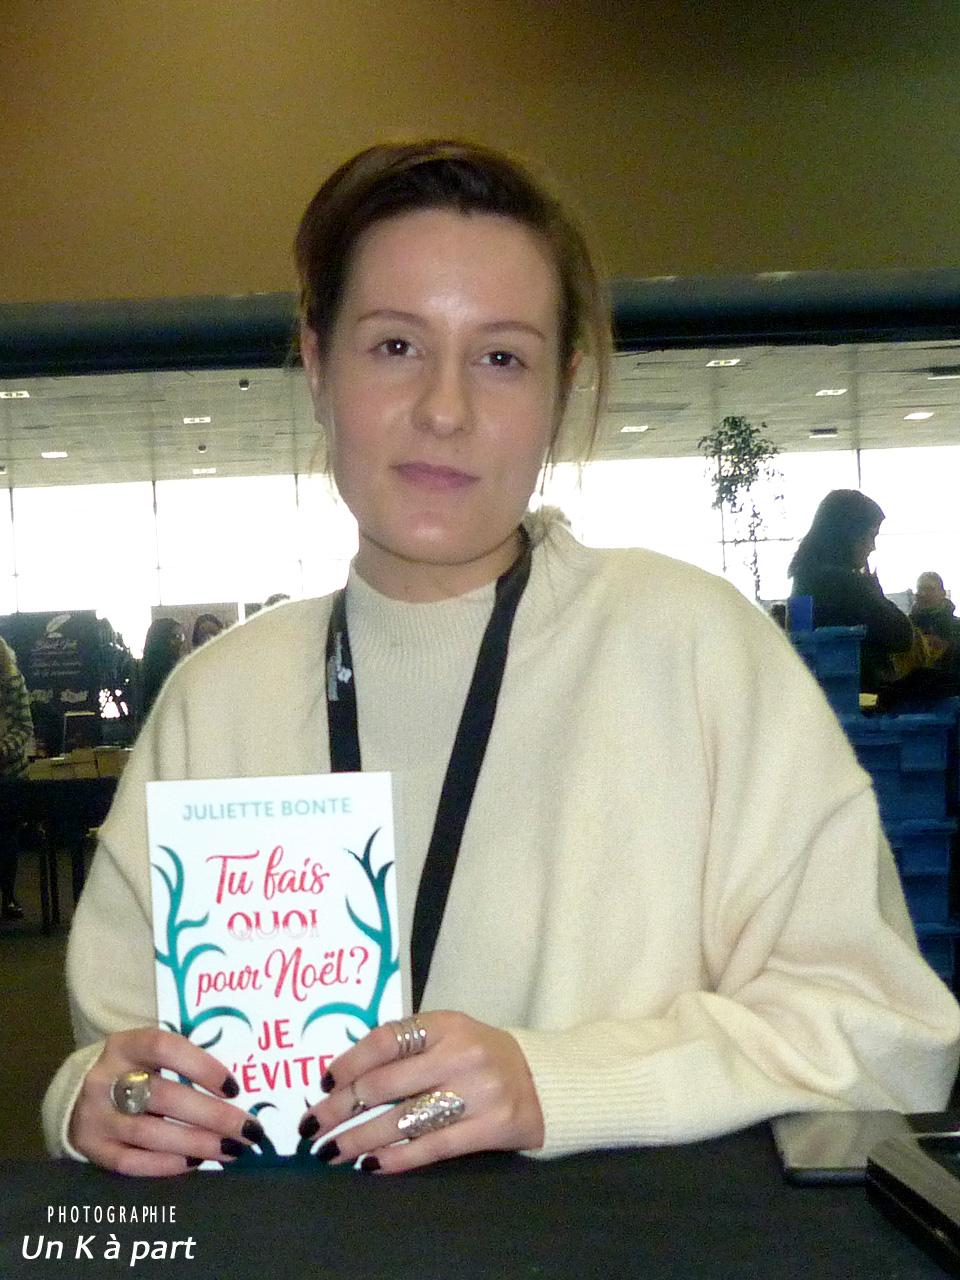 Festival du livre romantique Juliette Bonte